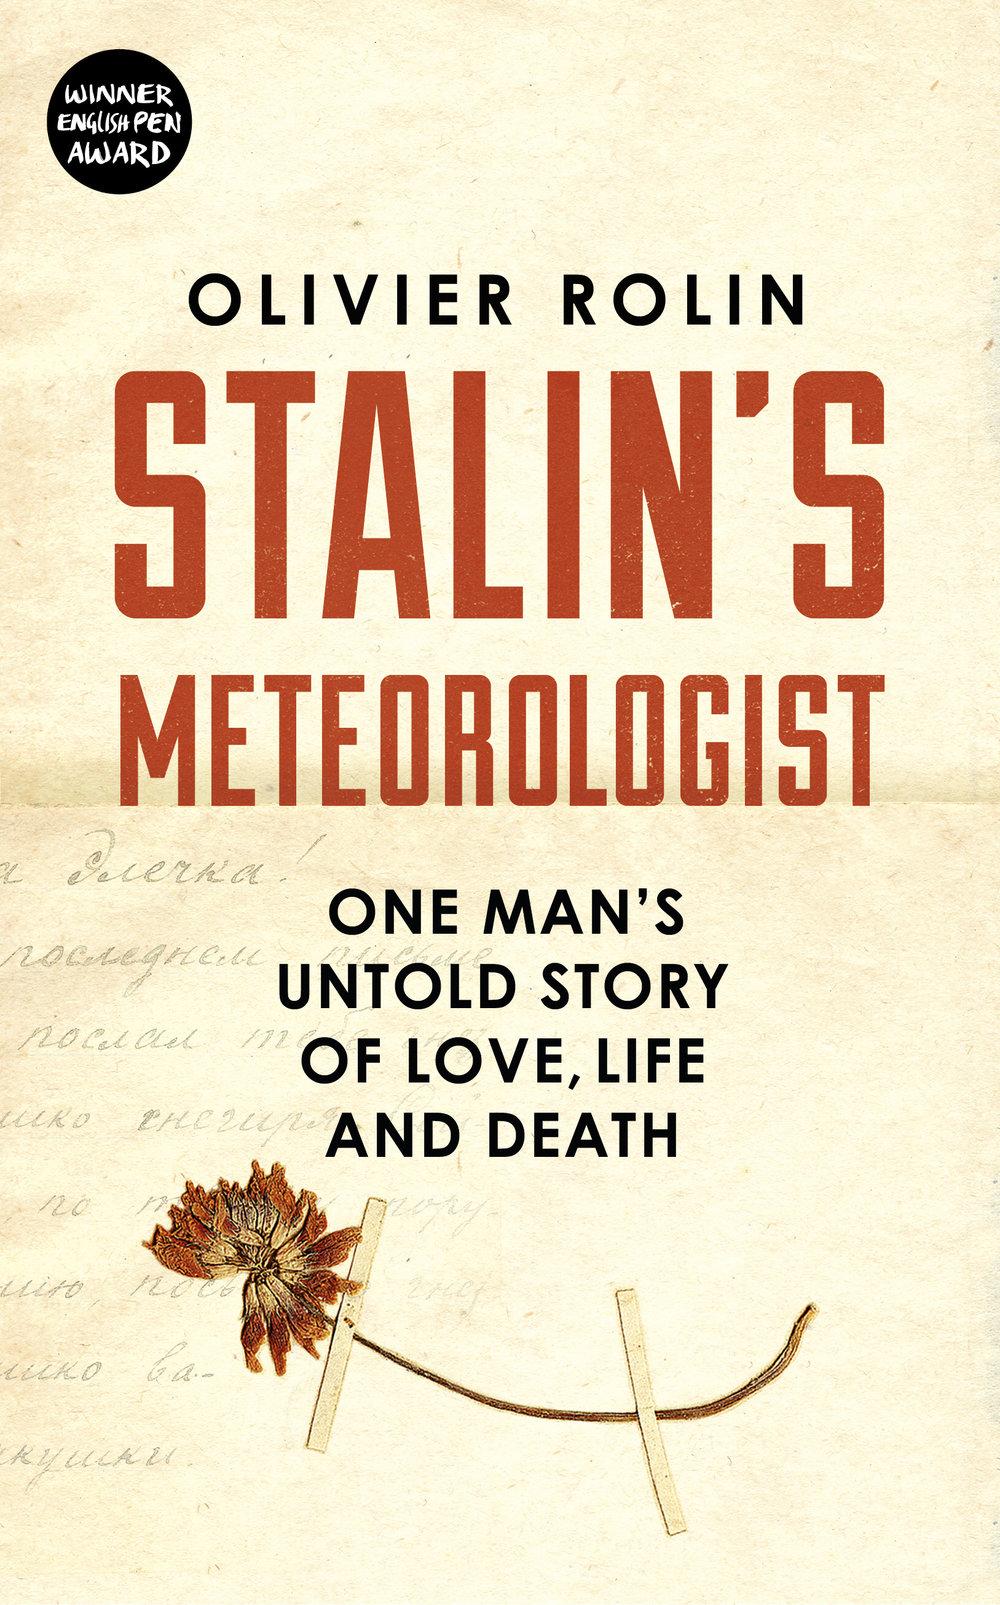 Stalin's meteorologist.jpg